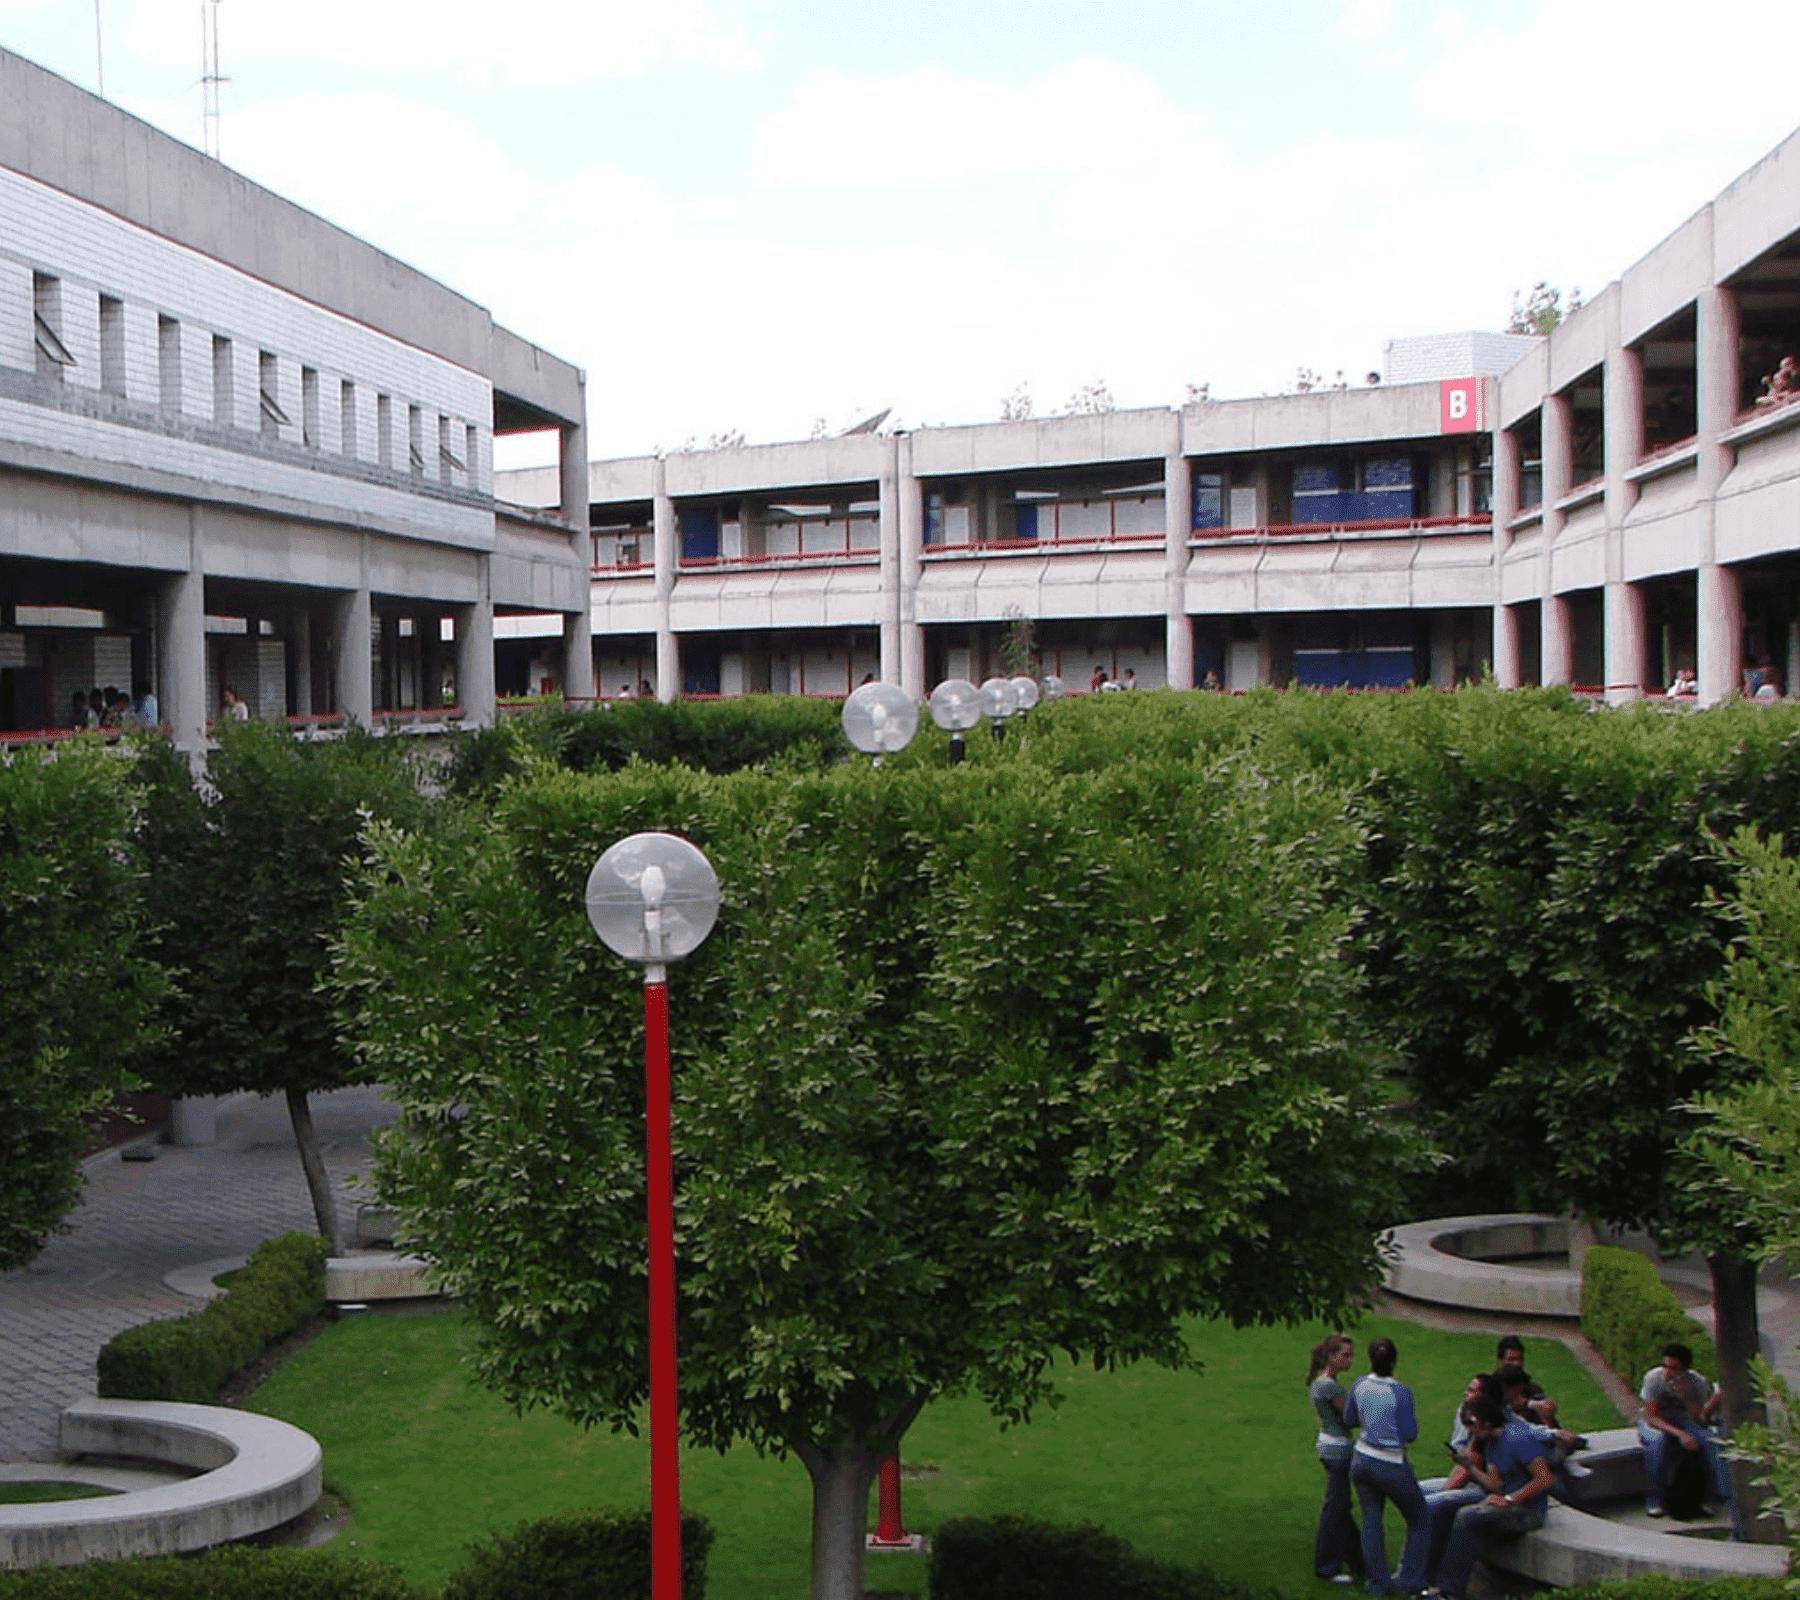 Hasta ahora, las universidades Ibero Puebla, Anáhuac, ITESM, UPAEP, UMAD y UDLAP son las seis universidades que han solicitado formalmente su reincorporación a clases preenciales.